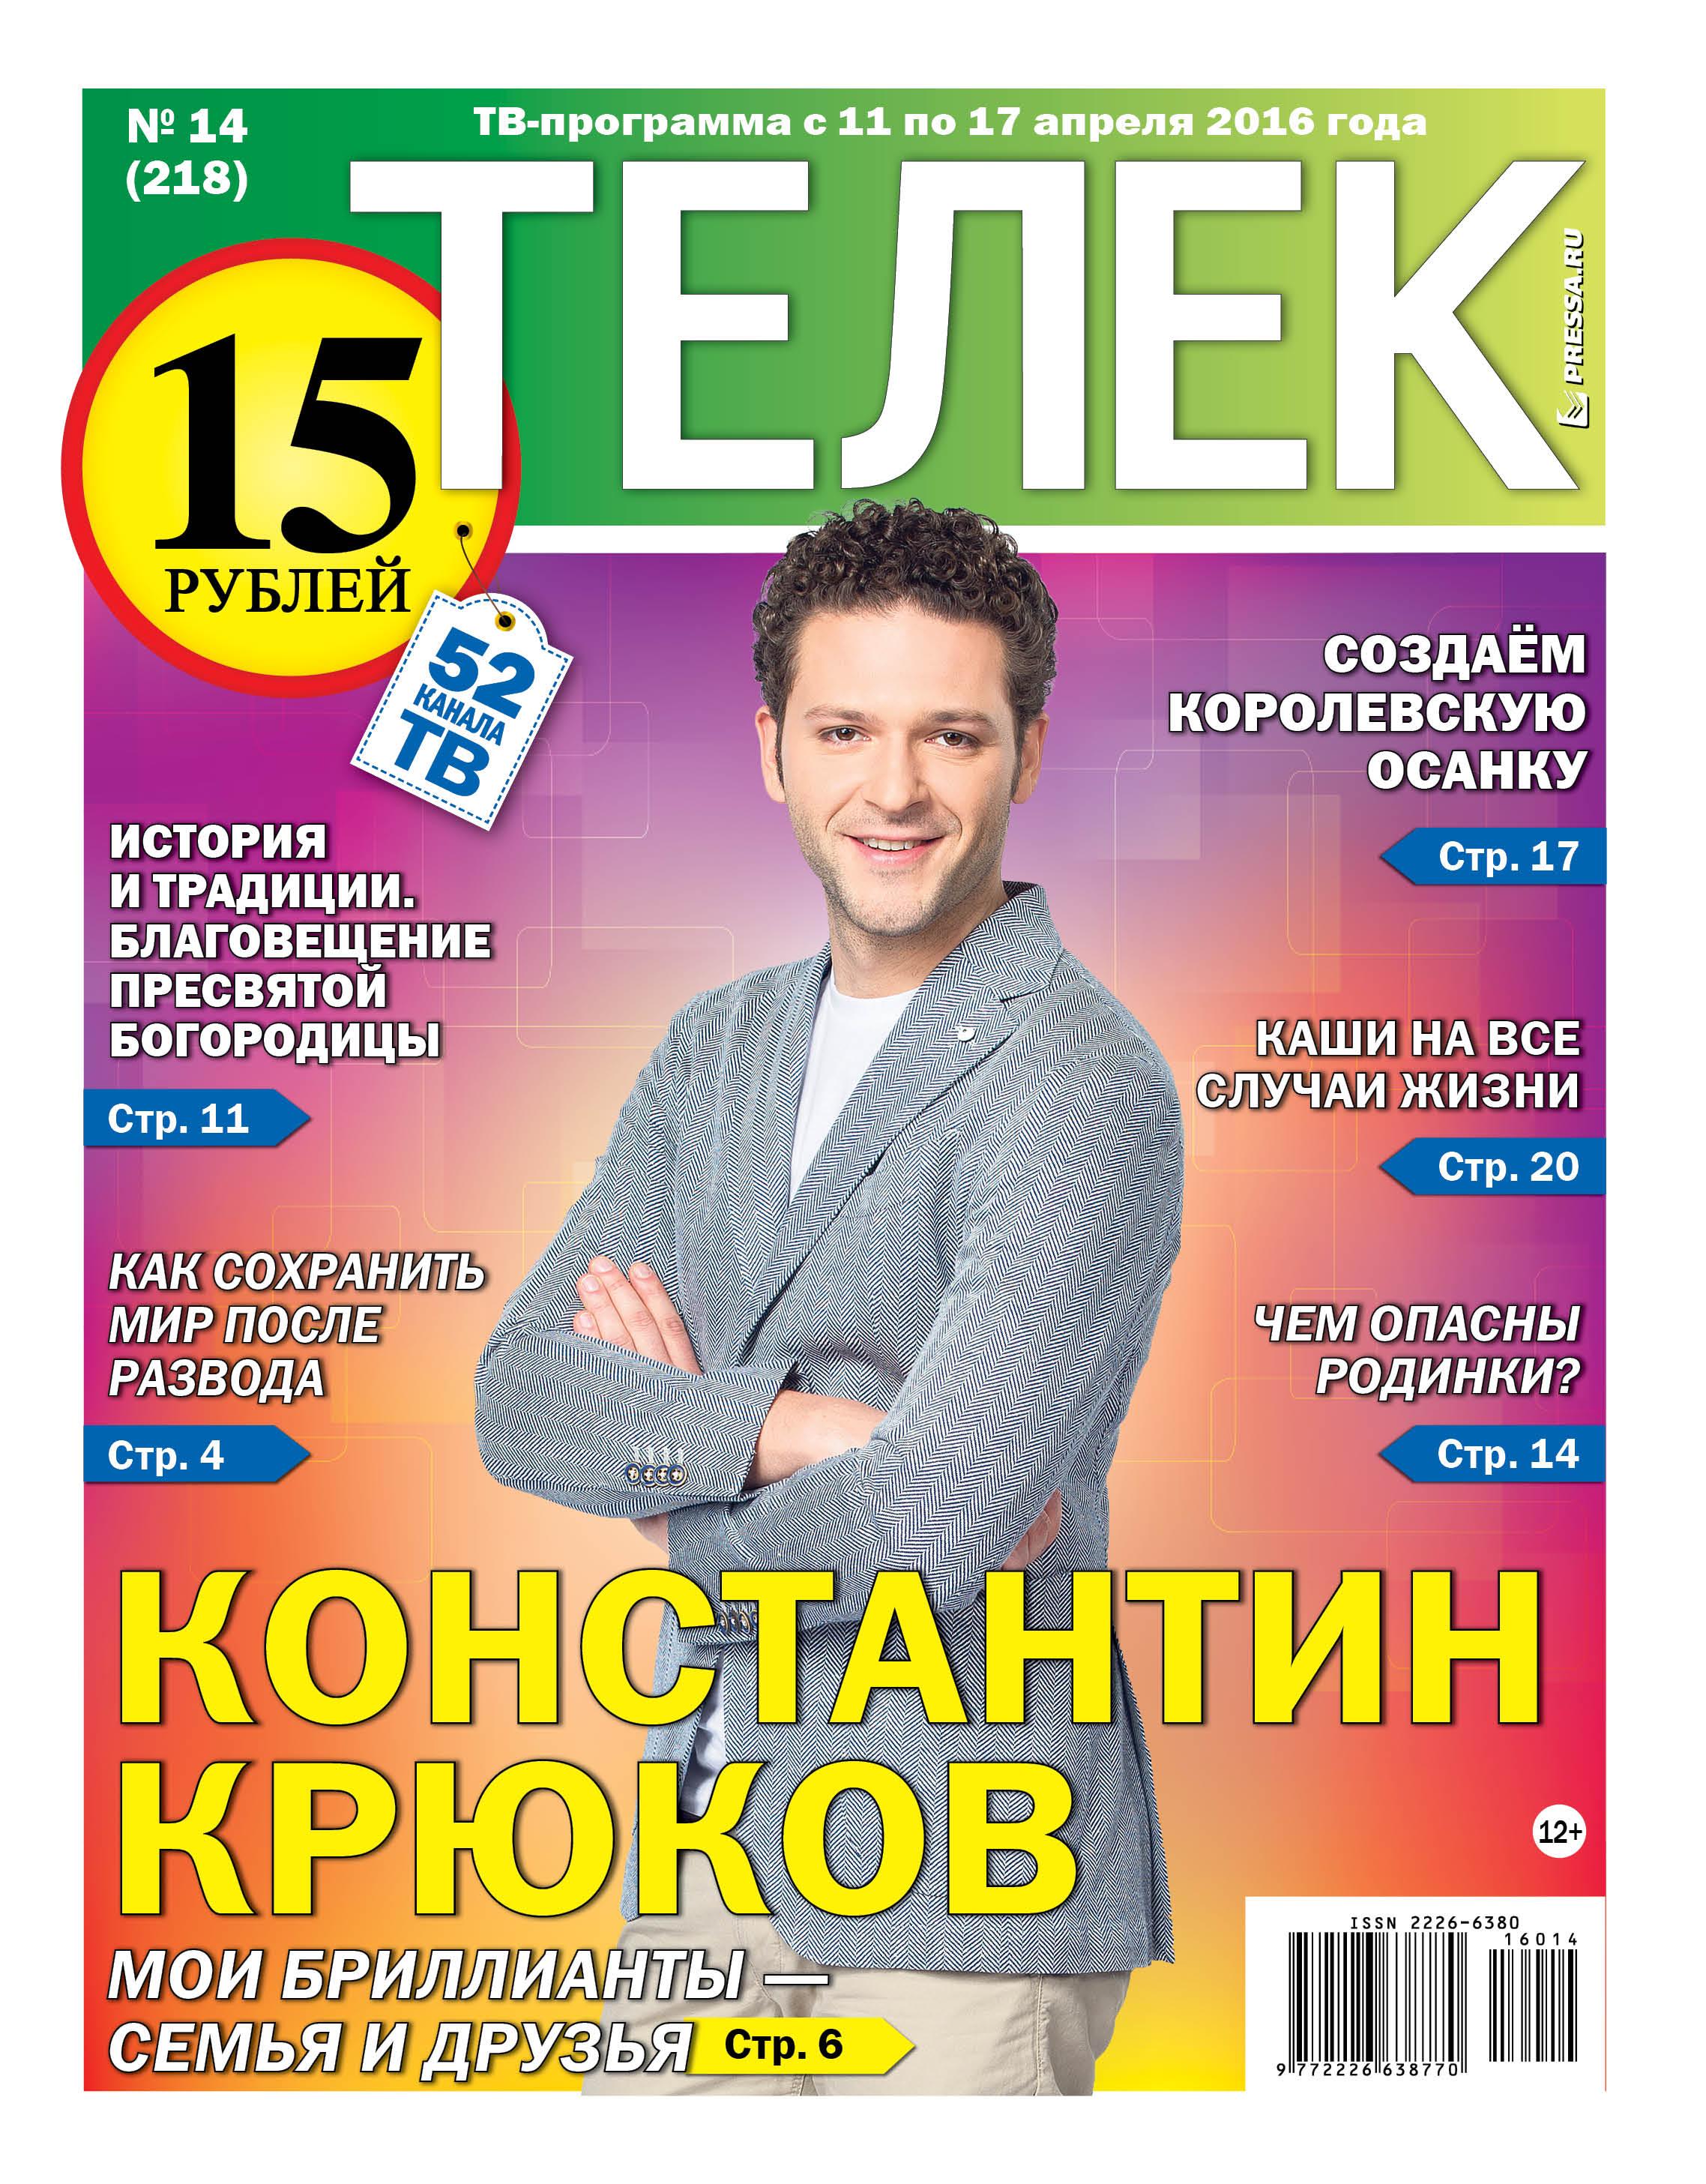 №14 (218) Константин Крюков